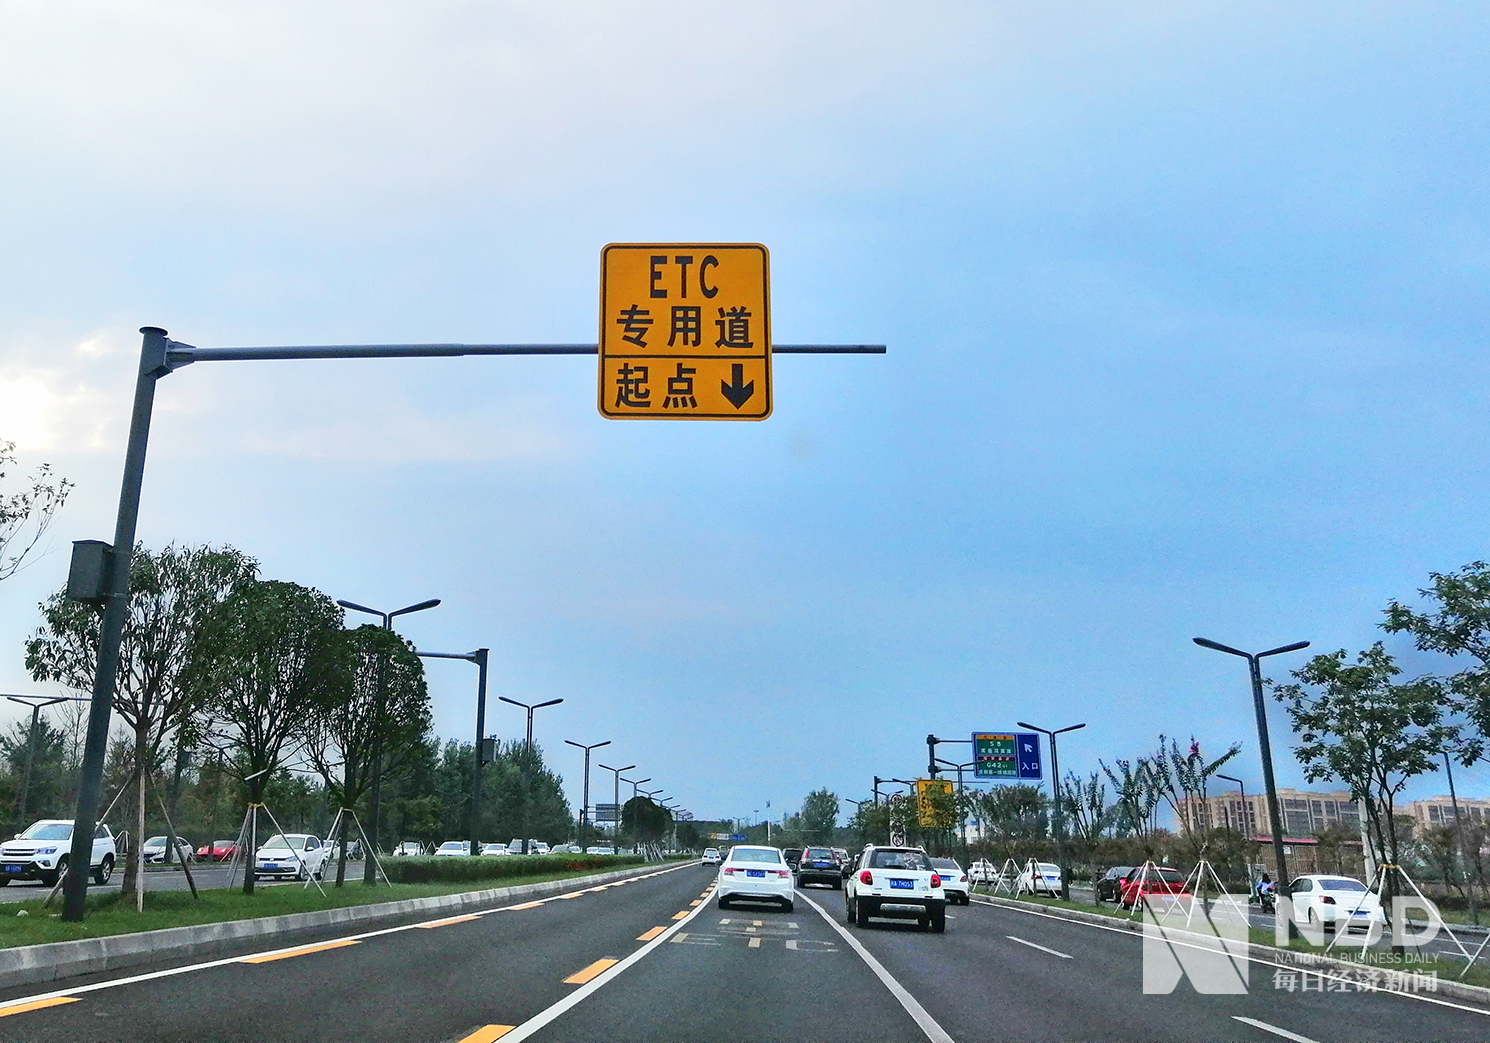 道路 etc 化 高速